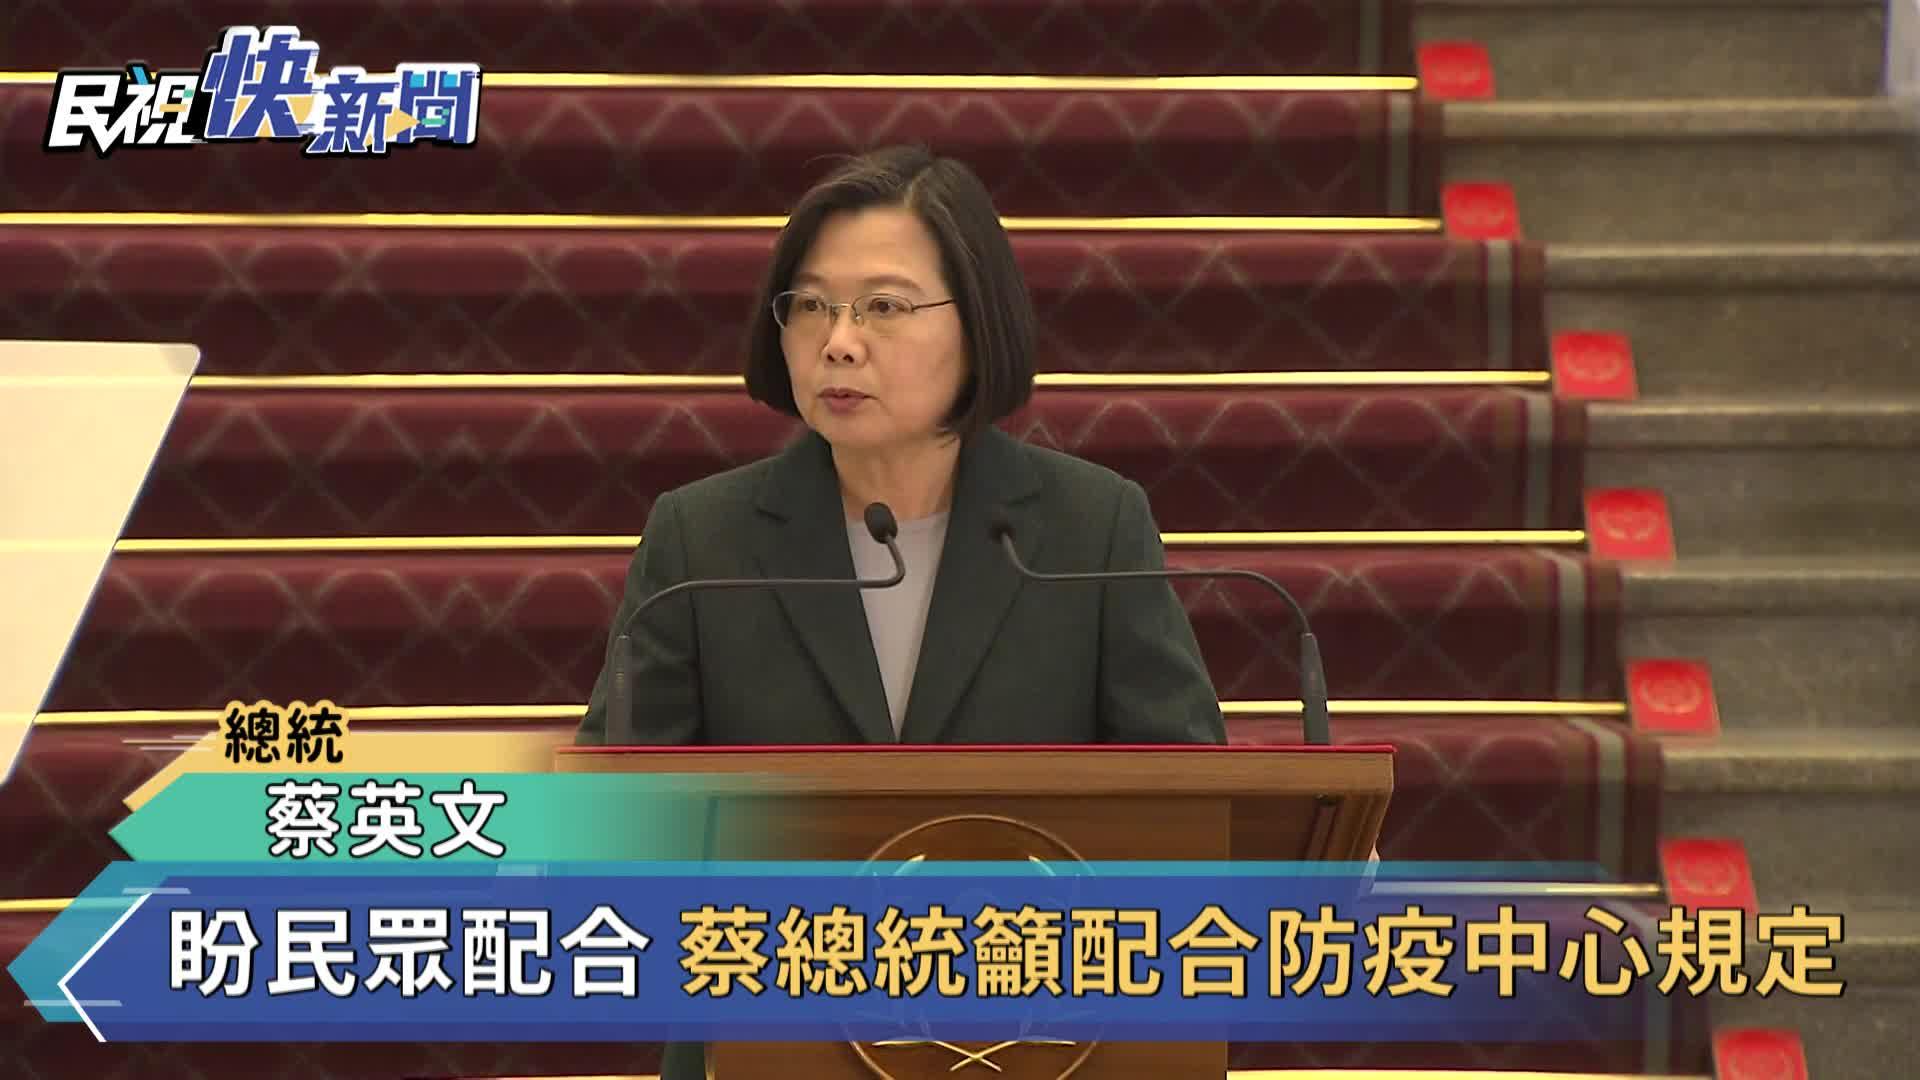 快新聞/TAIWAN CAN HELP! 蔡英文反擊「以疫謀獨」說:政治狹隘無助疫情防治